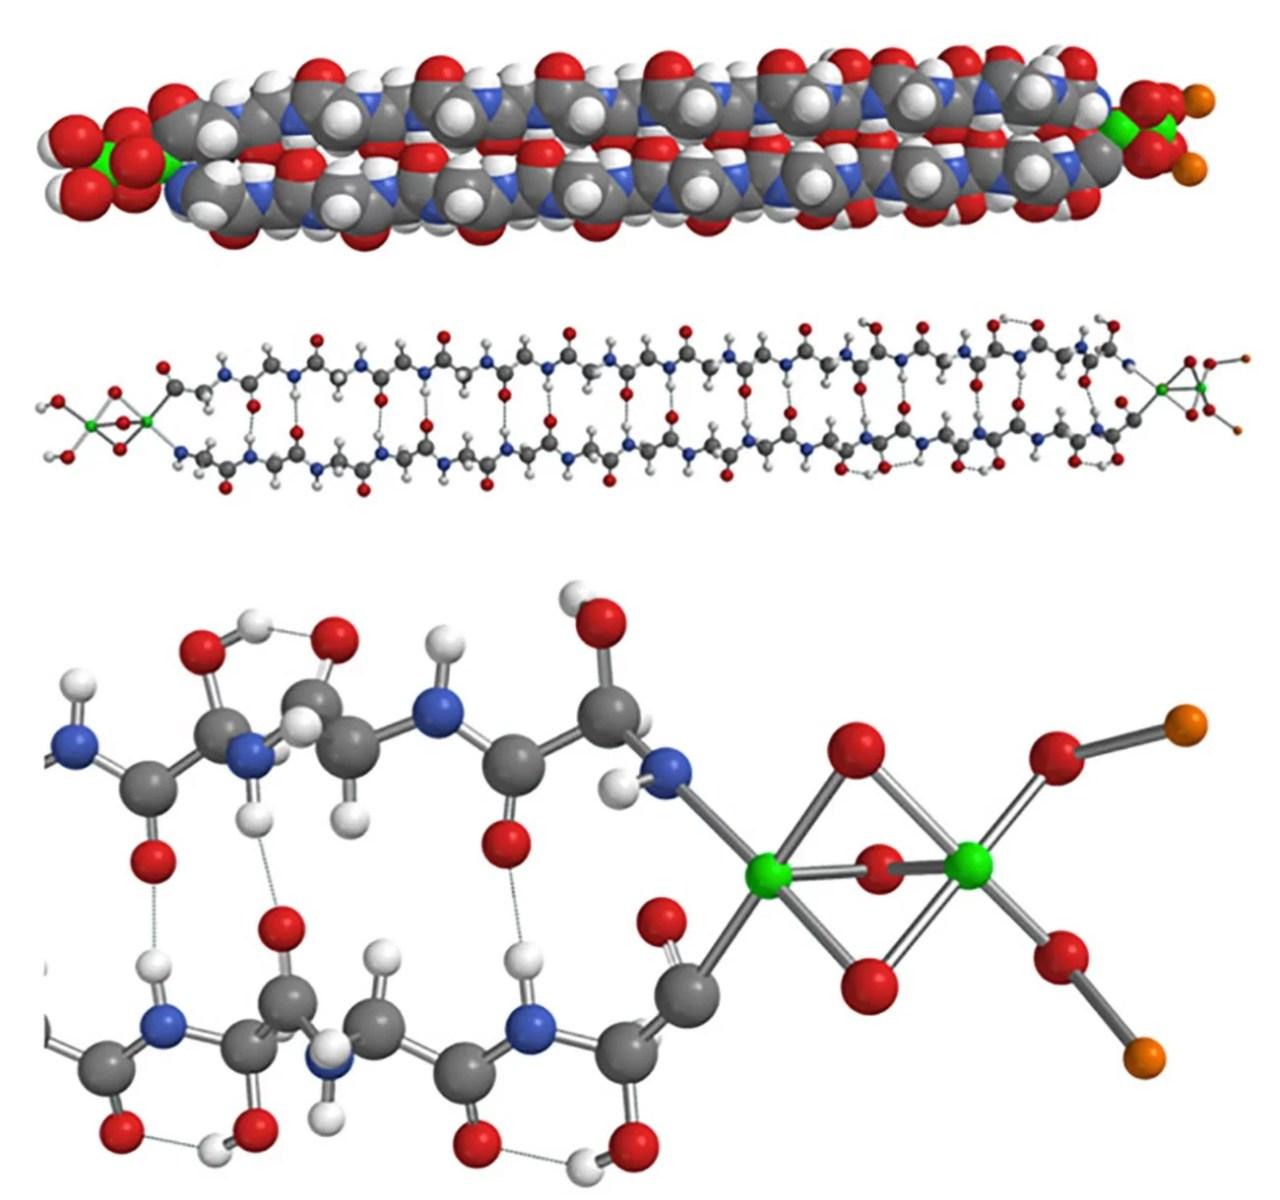 Pesquisadores encontraram proteína em um meteorito. Na imagem está o modelo da molécula de hemolitina 2320 após minimização de energia MMFF. Superior: no modo de preenchimento de espaço; Centro: bola e taco; Parte inferior: visão ampliada das terminações de ferro, oxigênio e lítio. Branco = H; laranja = Li; cinza = C; azul = N; vermelho = O e verde = Fe. As ligações de hidrogênio são mostradas por linhas pontilhadas. (Créditos: Malcolm. W. McGeoch, Sergei Dikler, Julie EM McGeoch)